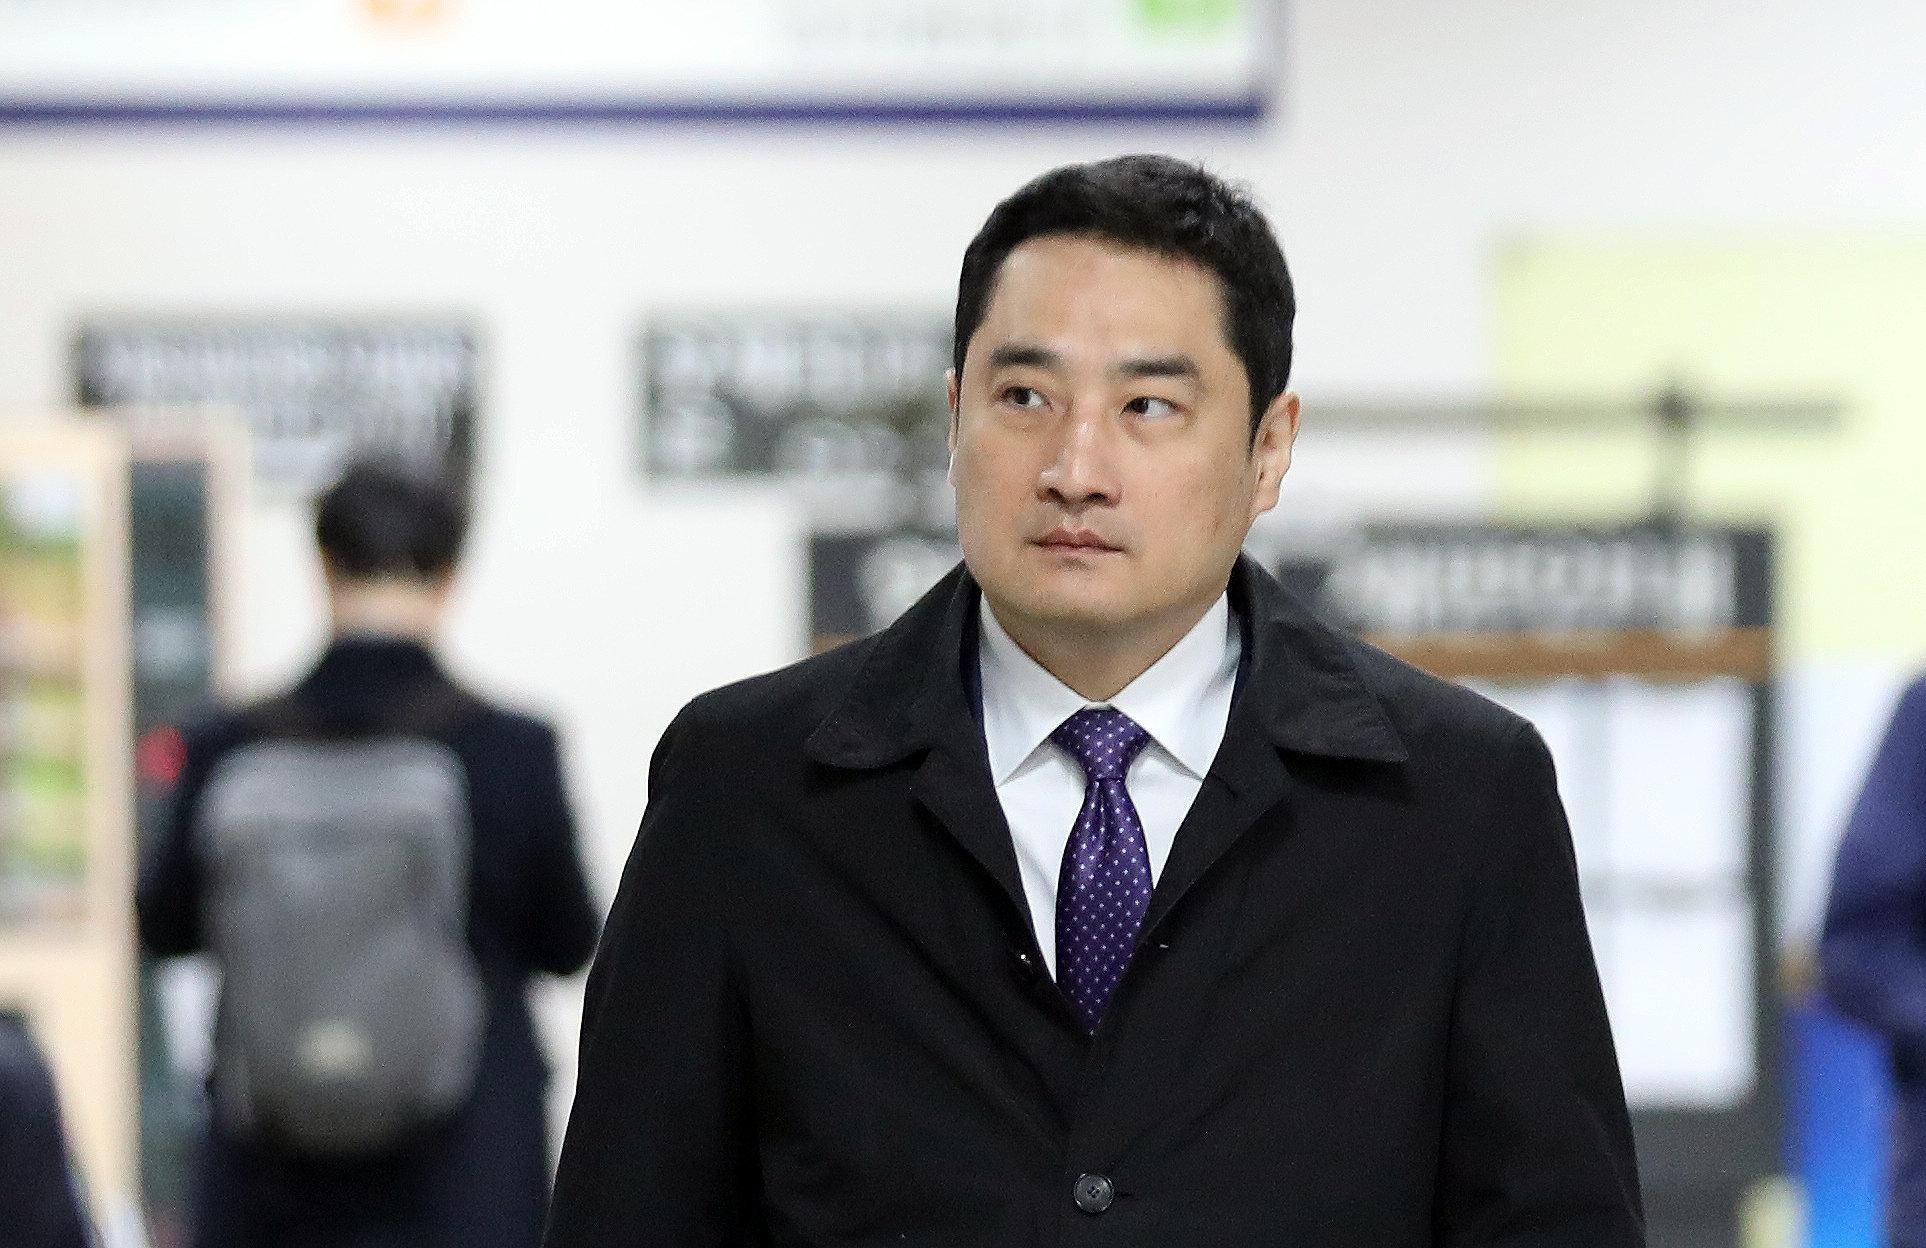 '도도맘과 짜고 사문서 위조' 혐의 강용석이 2년 구형받고 한 최후진술